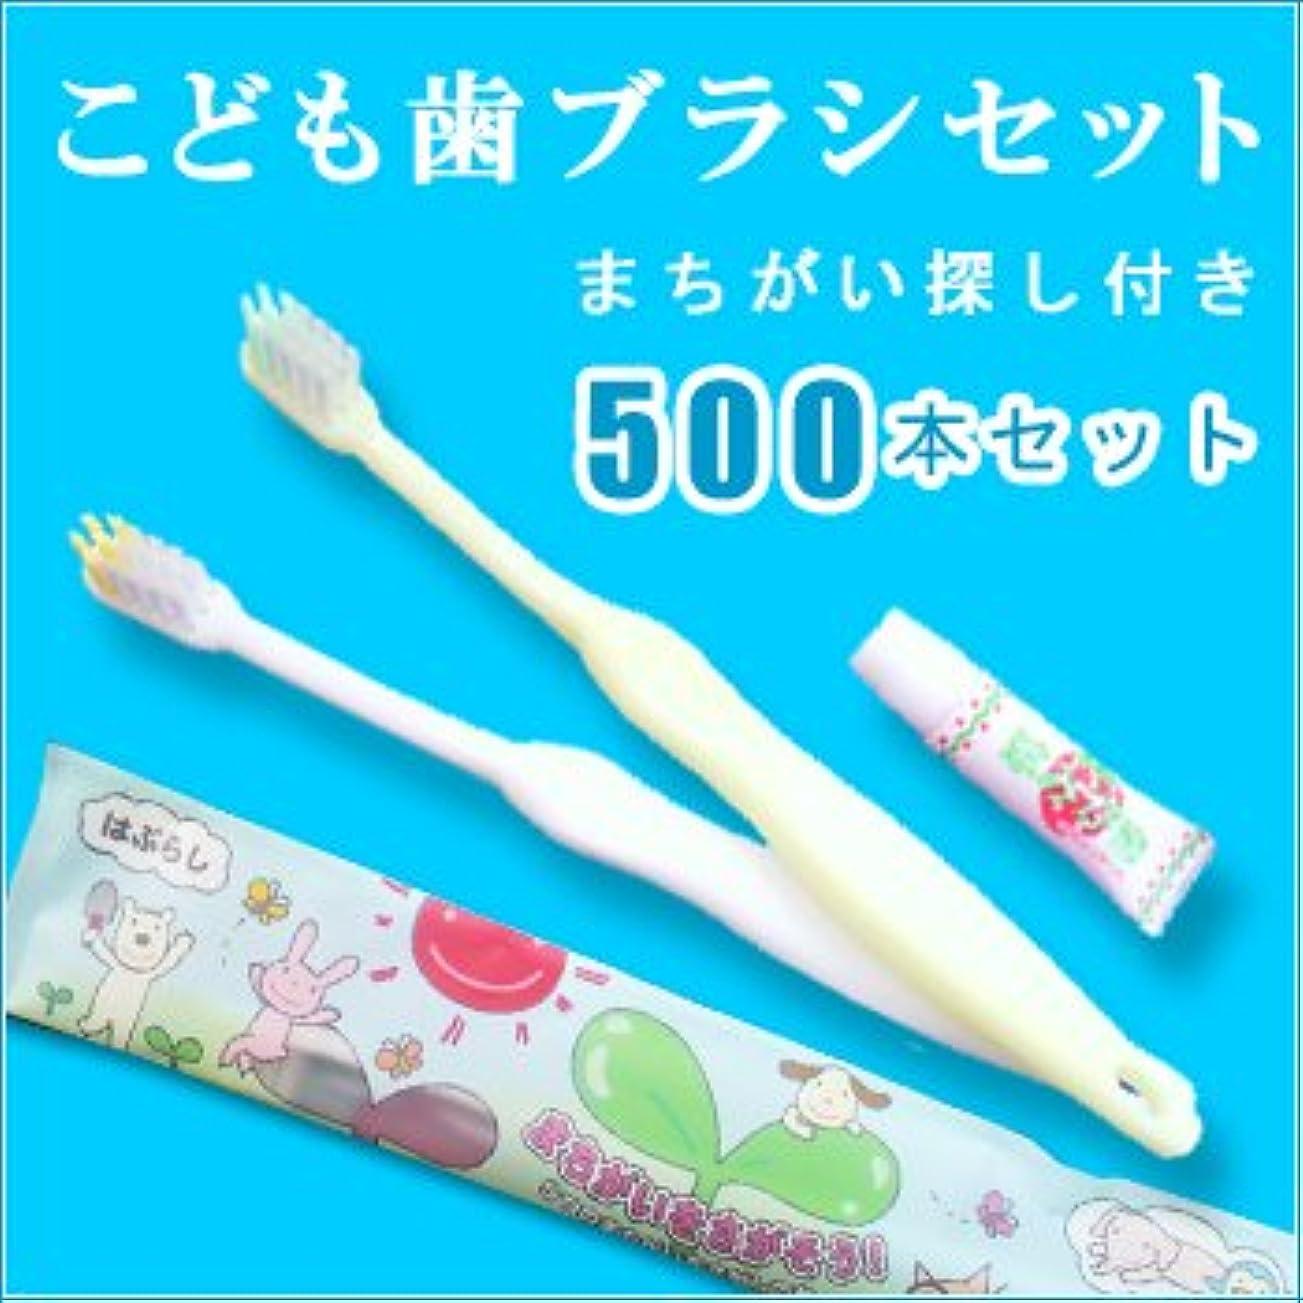 孤独な影響するレイアウトこども用歯ブラシ いちご味の歯磨き粉 3gチューブ付 ホワイト?イエロー2色アソート(1セット500本)1本当たり34円